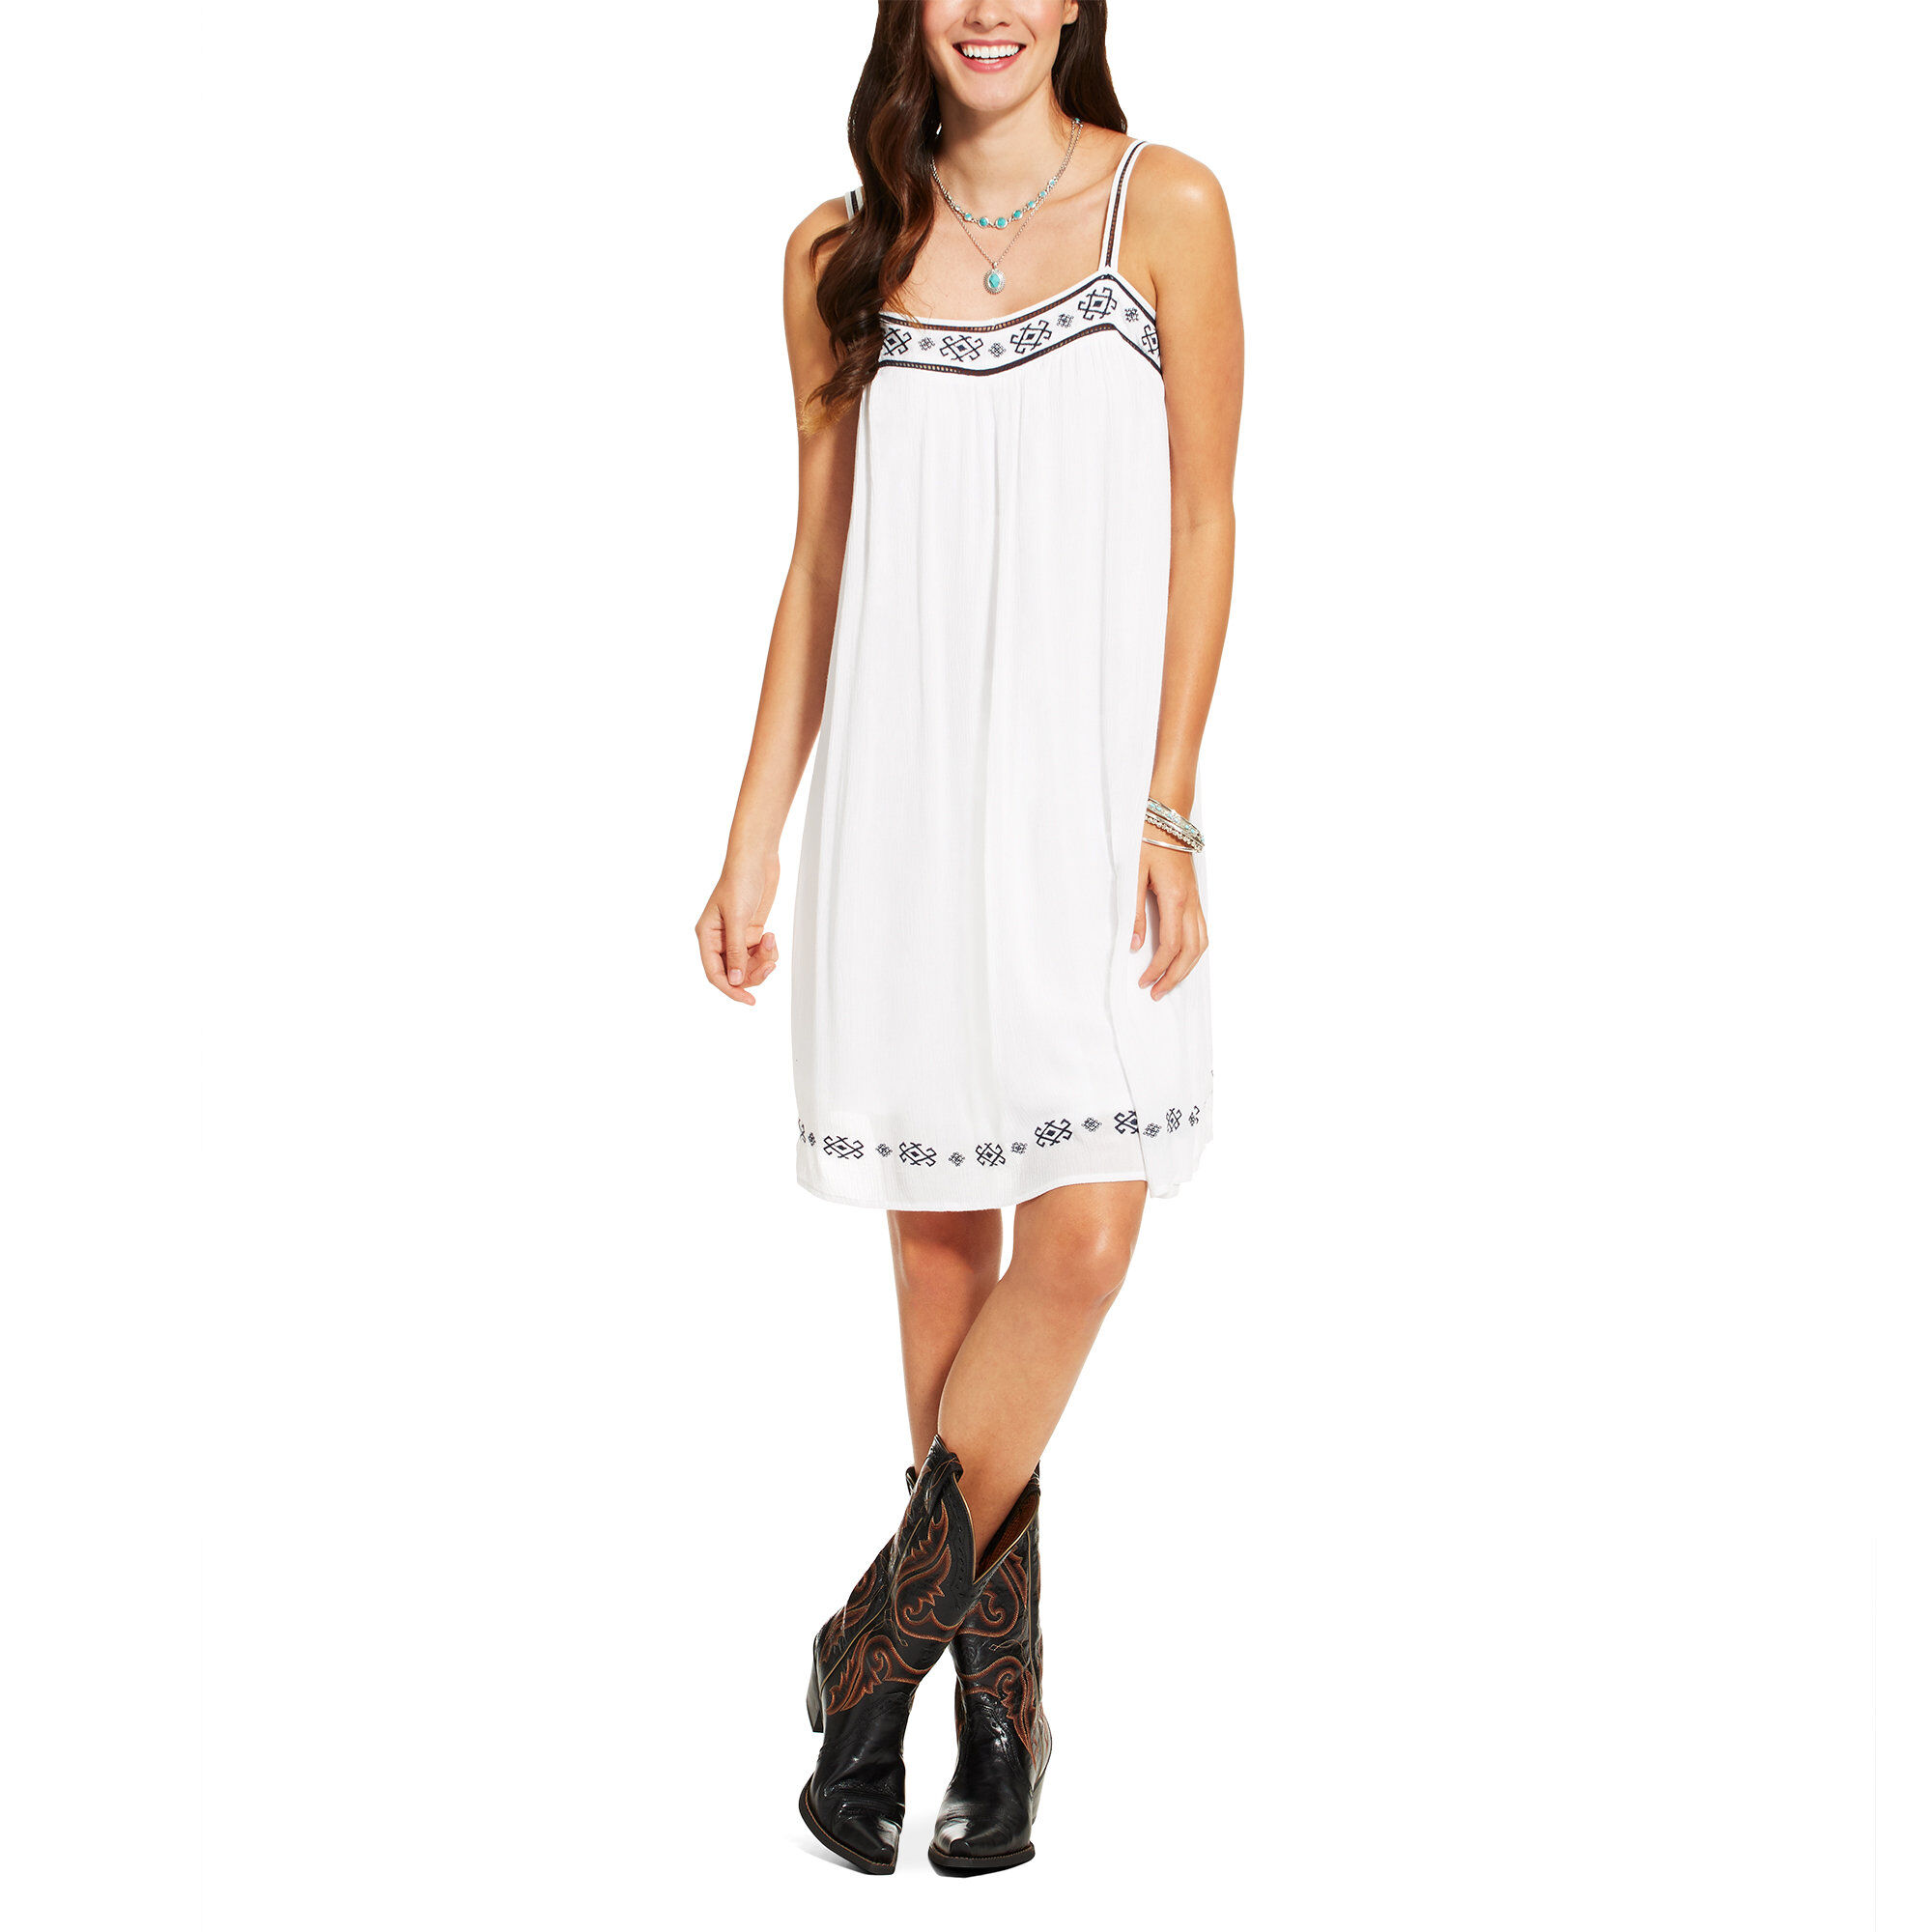 Brandy Dress Dress